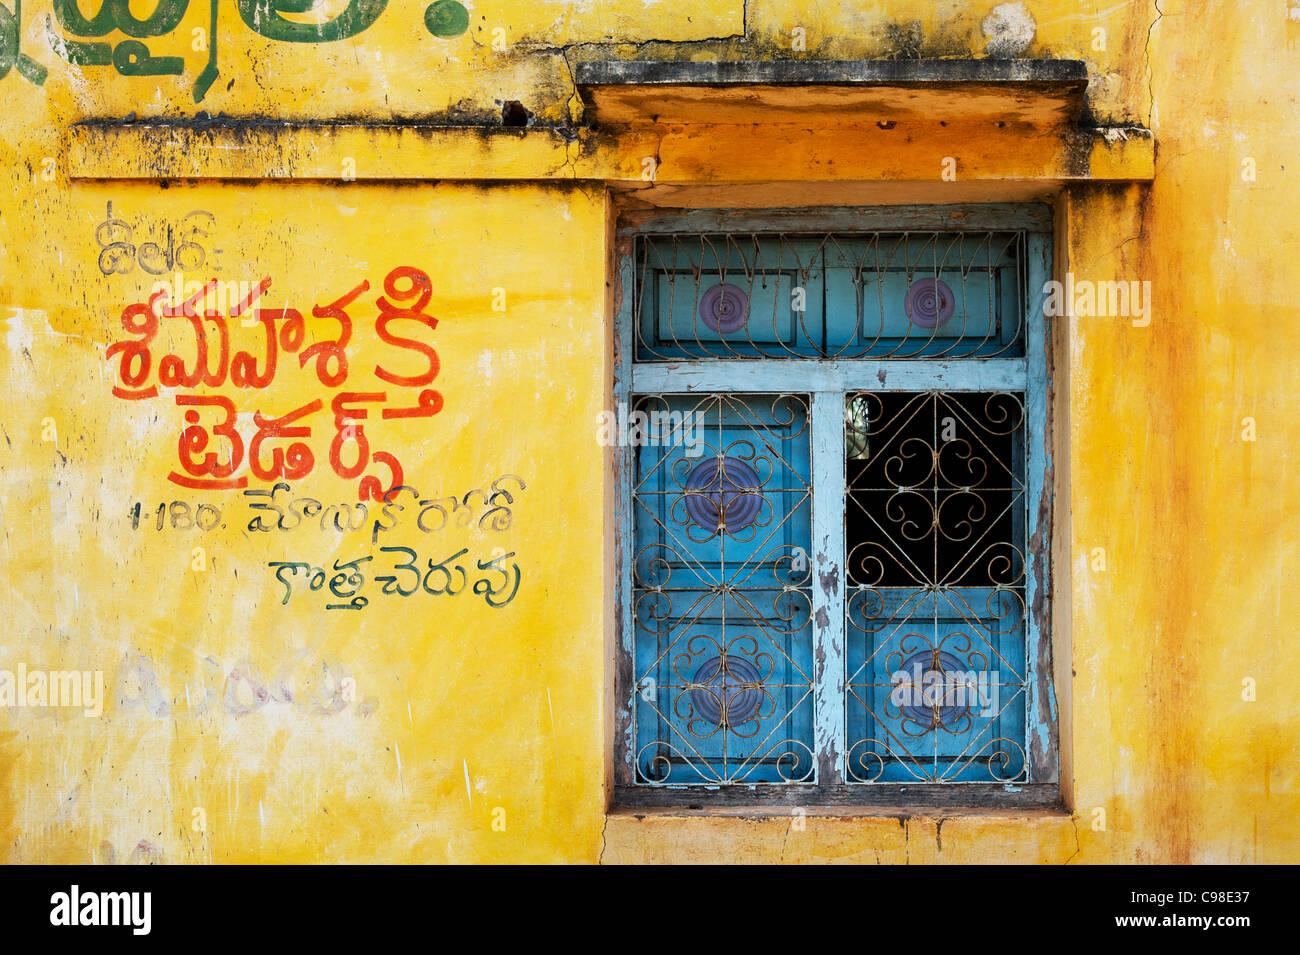 Il vecchio villaggio indiano house / finestra Dettaglio. Andhra Pradesh. India Immagini Stock